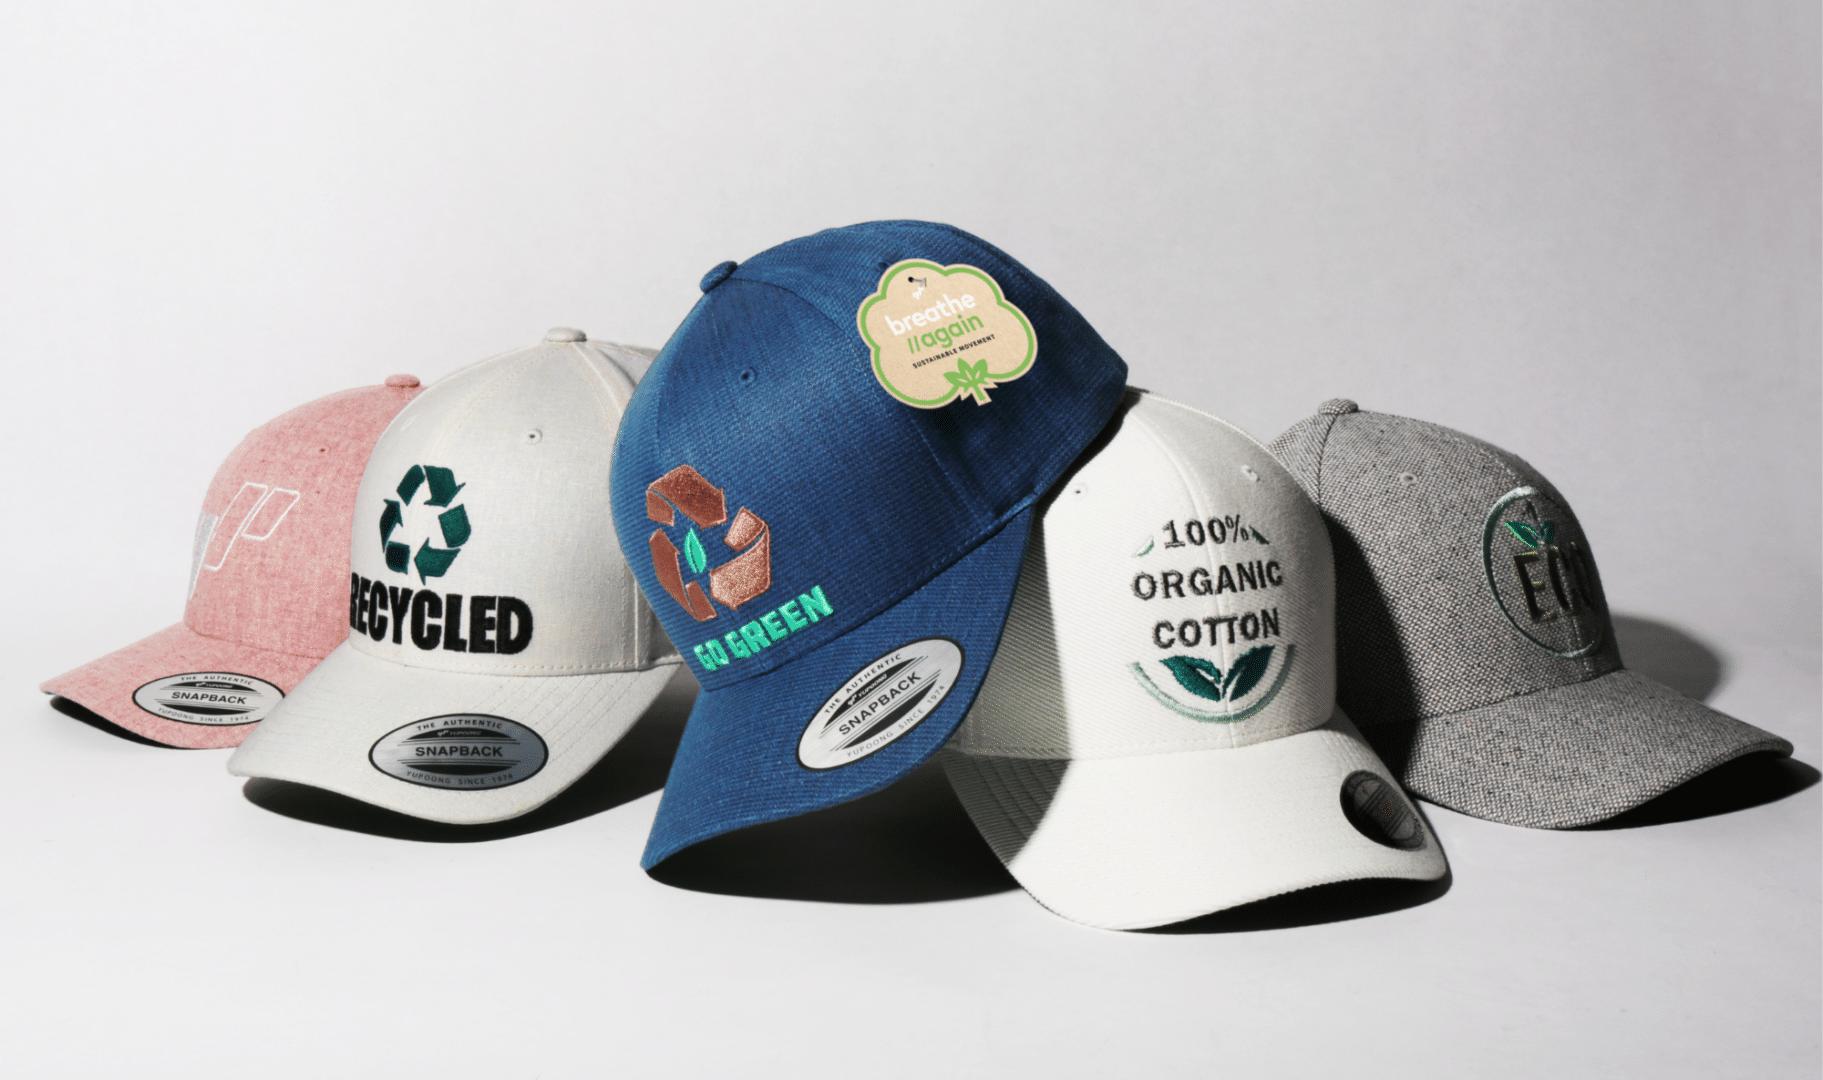 Gorras pertenecientes a la colección Breathe Again fabricadas por Flexfit